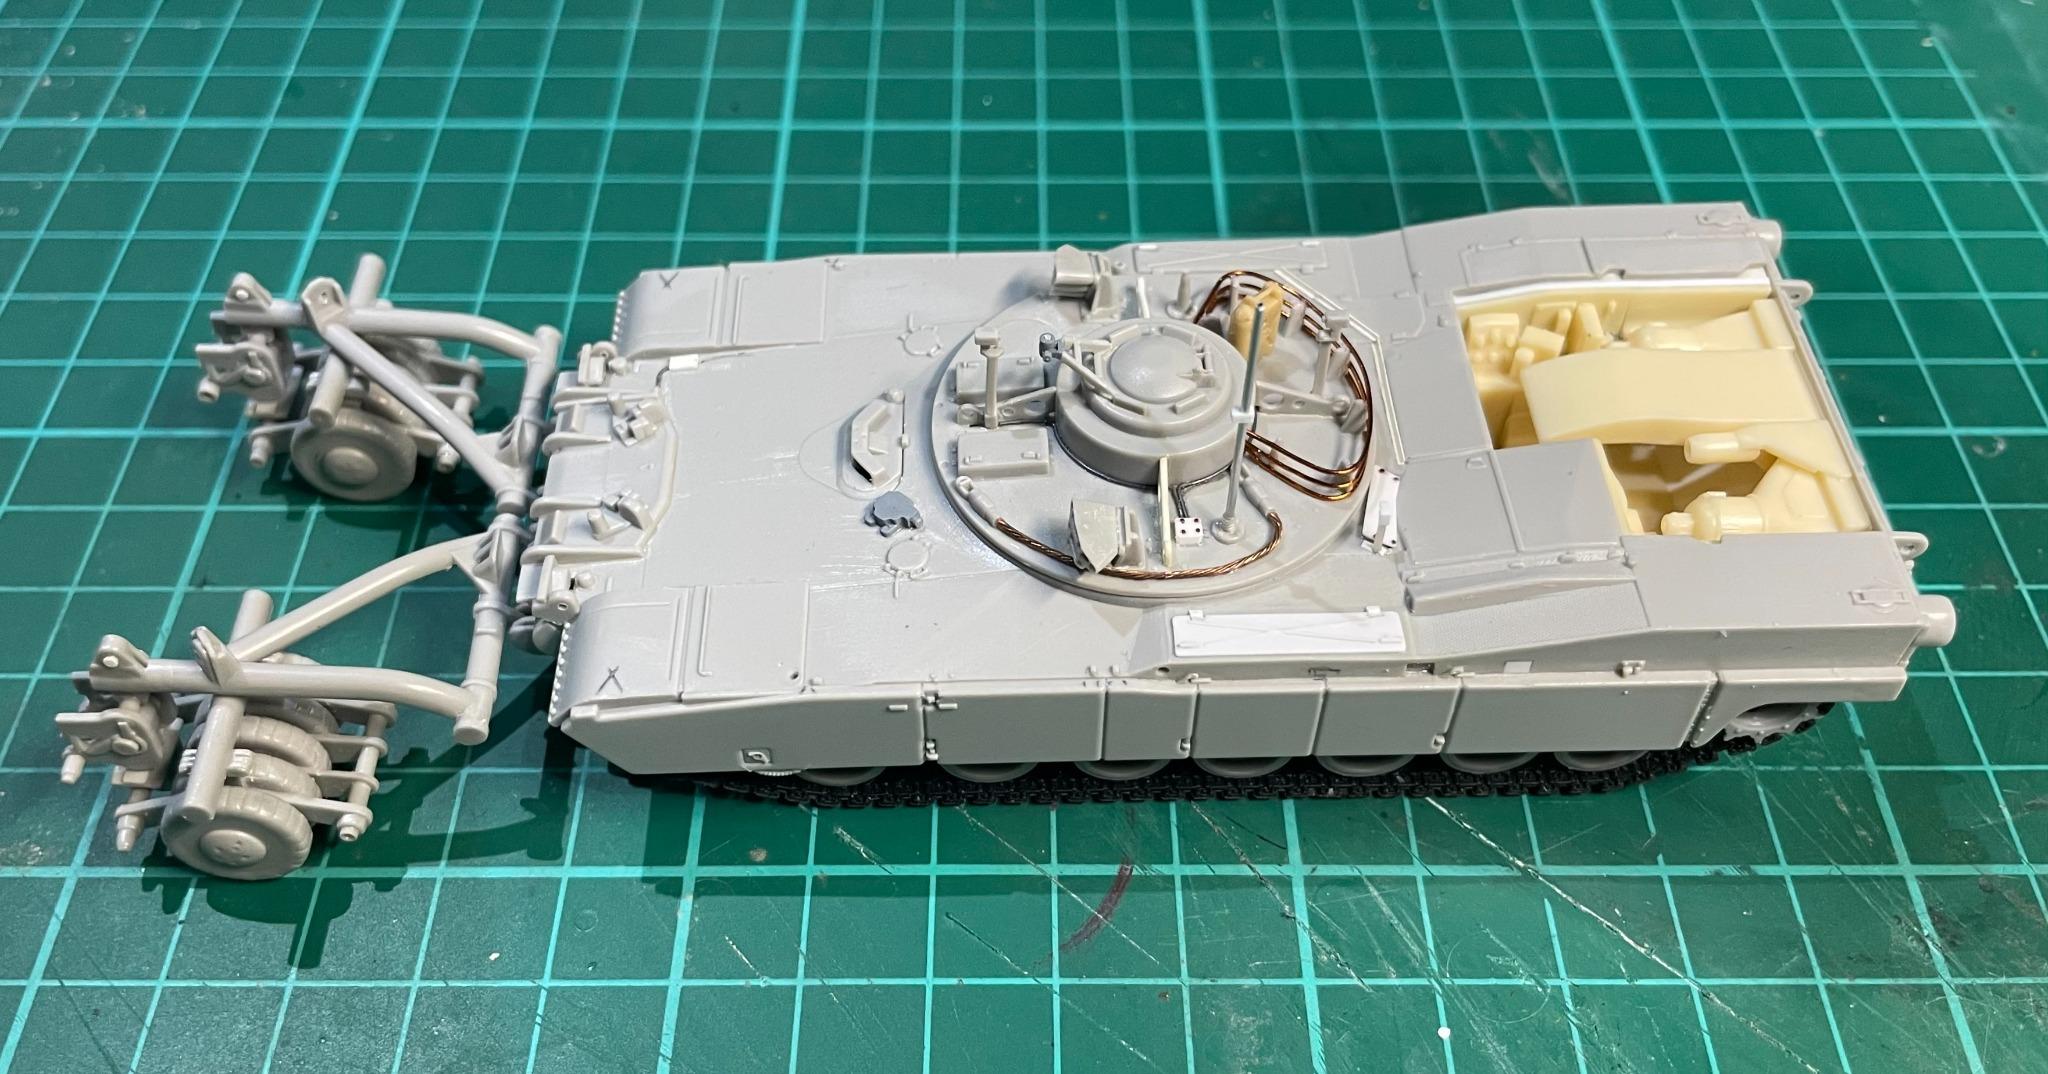 214B0840-6FDB-4E0B-AA6A-F436A02FA541.jpg